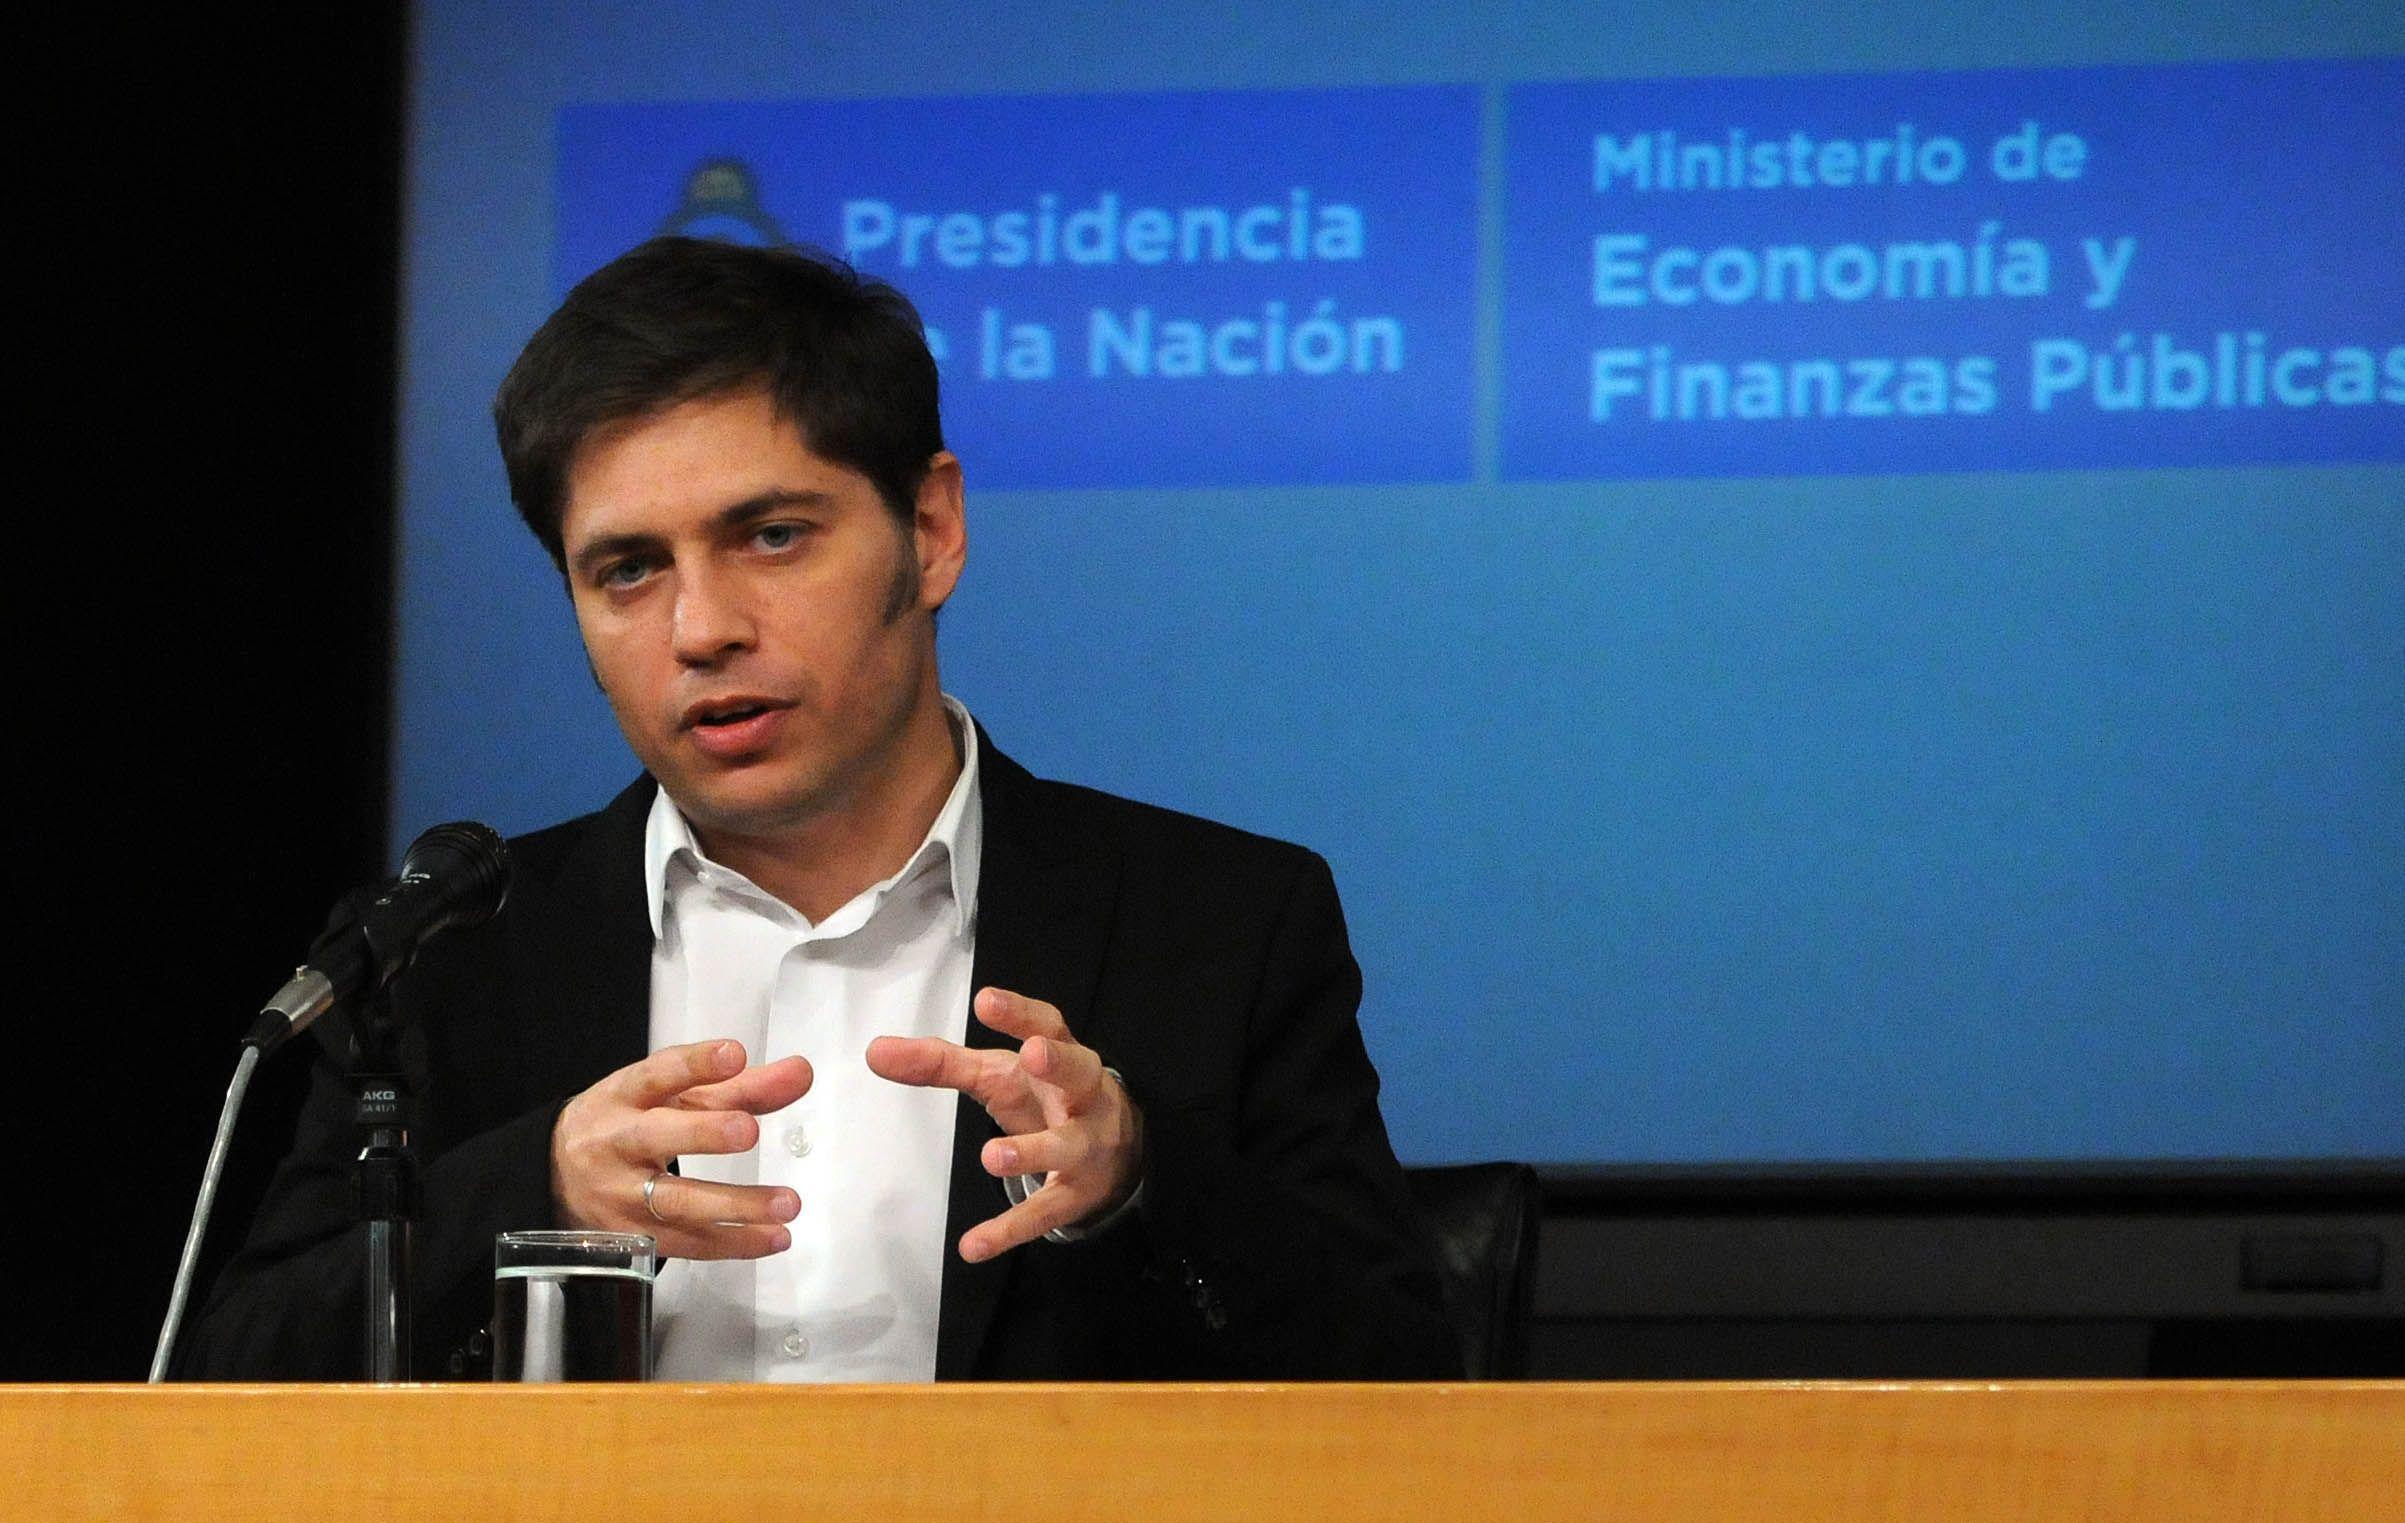 El gobierno argentino volvió a acusar al juez Griesa de favorecer a Holdouts